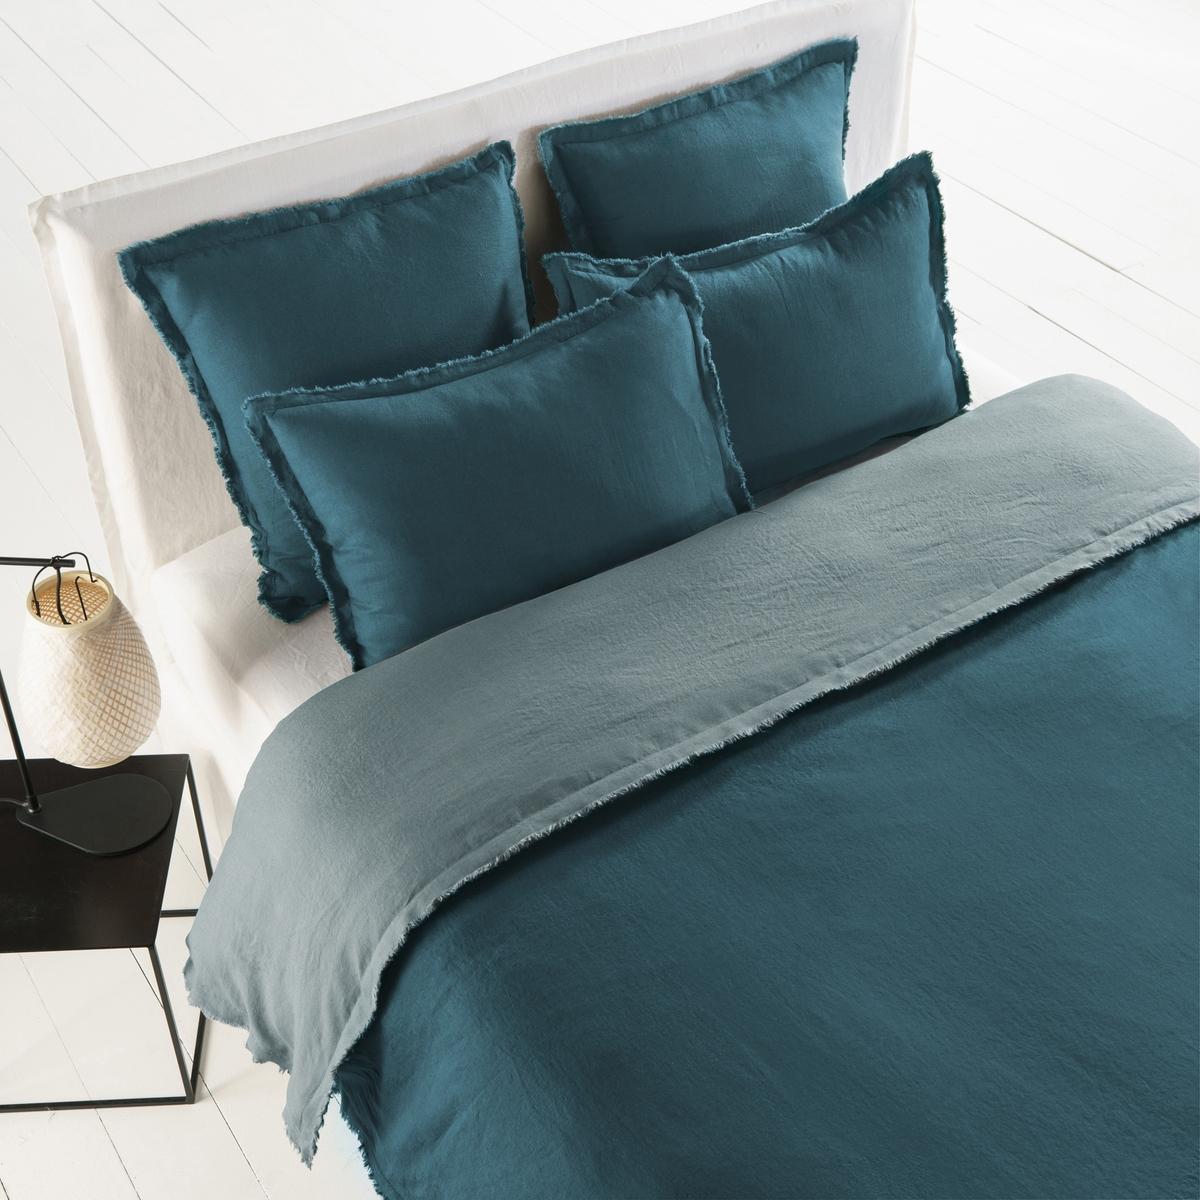 Пододеяльник PurangiМатериал :- 100% лен.Отделка :- Застежка на пуговицы по низу.Уход :Машинная стирка при 60 °С. Размеры :140 x 200 см : 1-сп200 x 200 см  : 1-2-сп.240 х 220 см : 2-сп.260 х 240 см : 2-сп.<br><br>Цвет: зеленый кедровый,светло-синий,серый